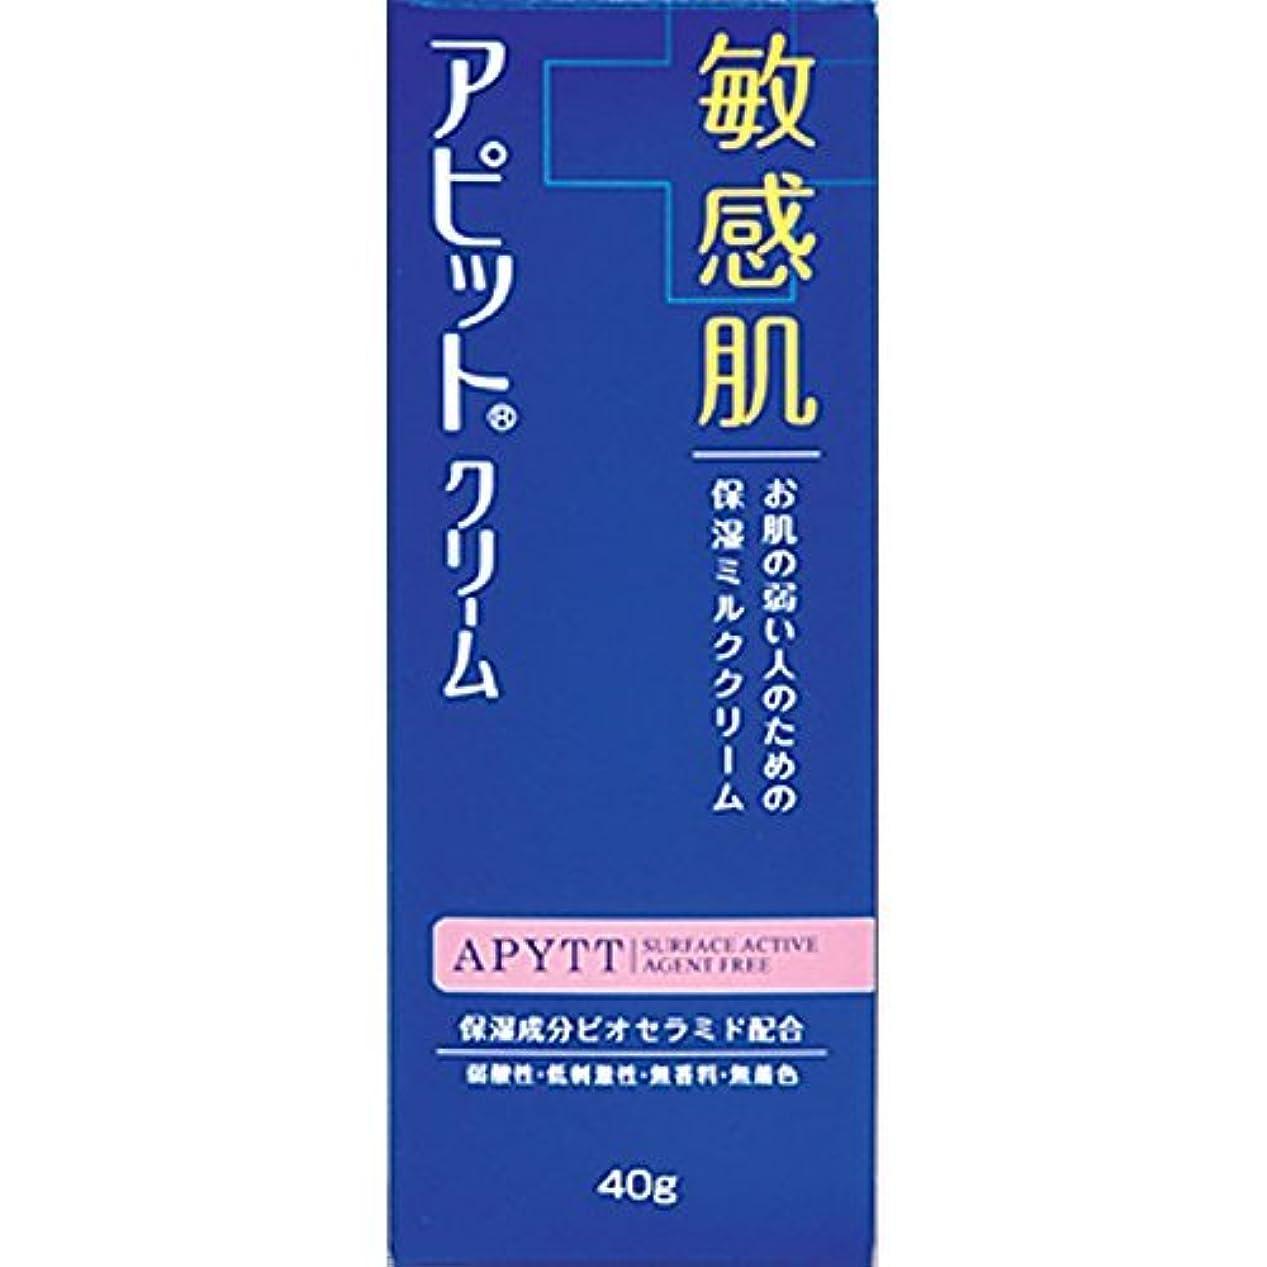 症状ベジタリアンくぼみ全薬工業 アピットクリーム 40g (医薬部外品)